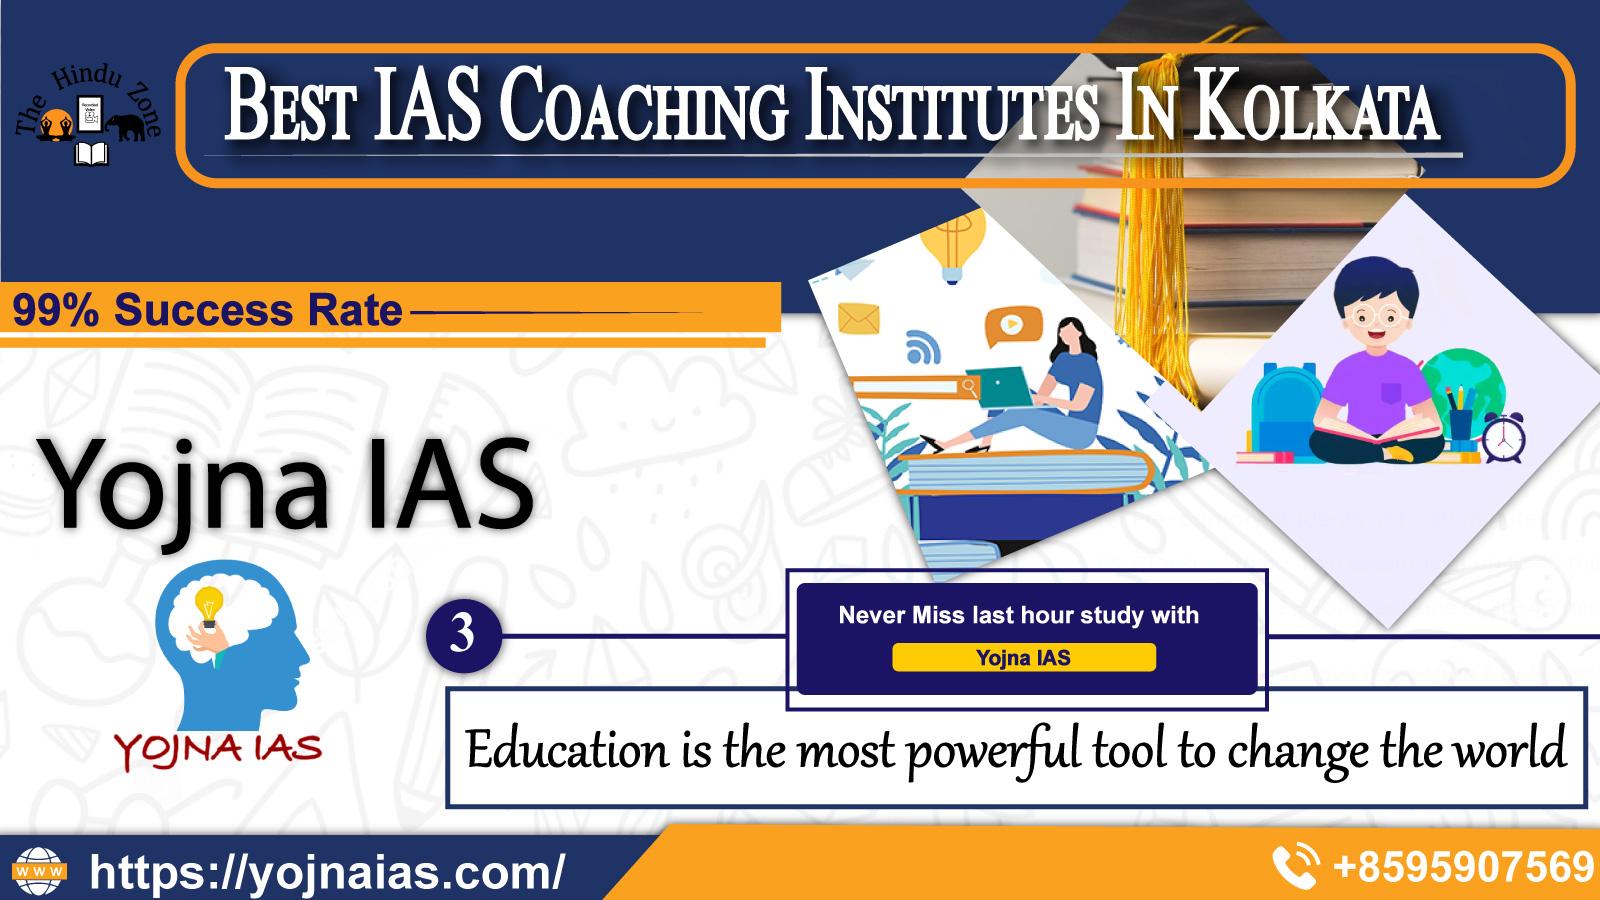 yojna ias coaching in kolkata